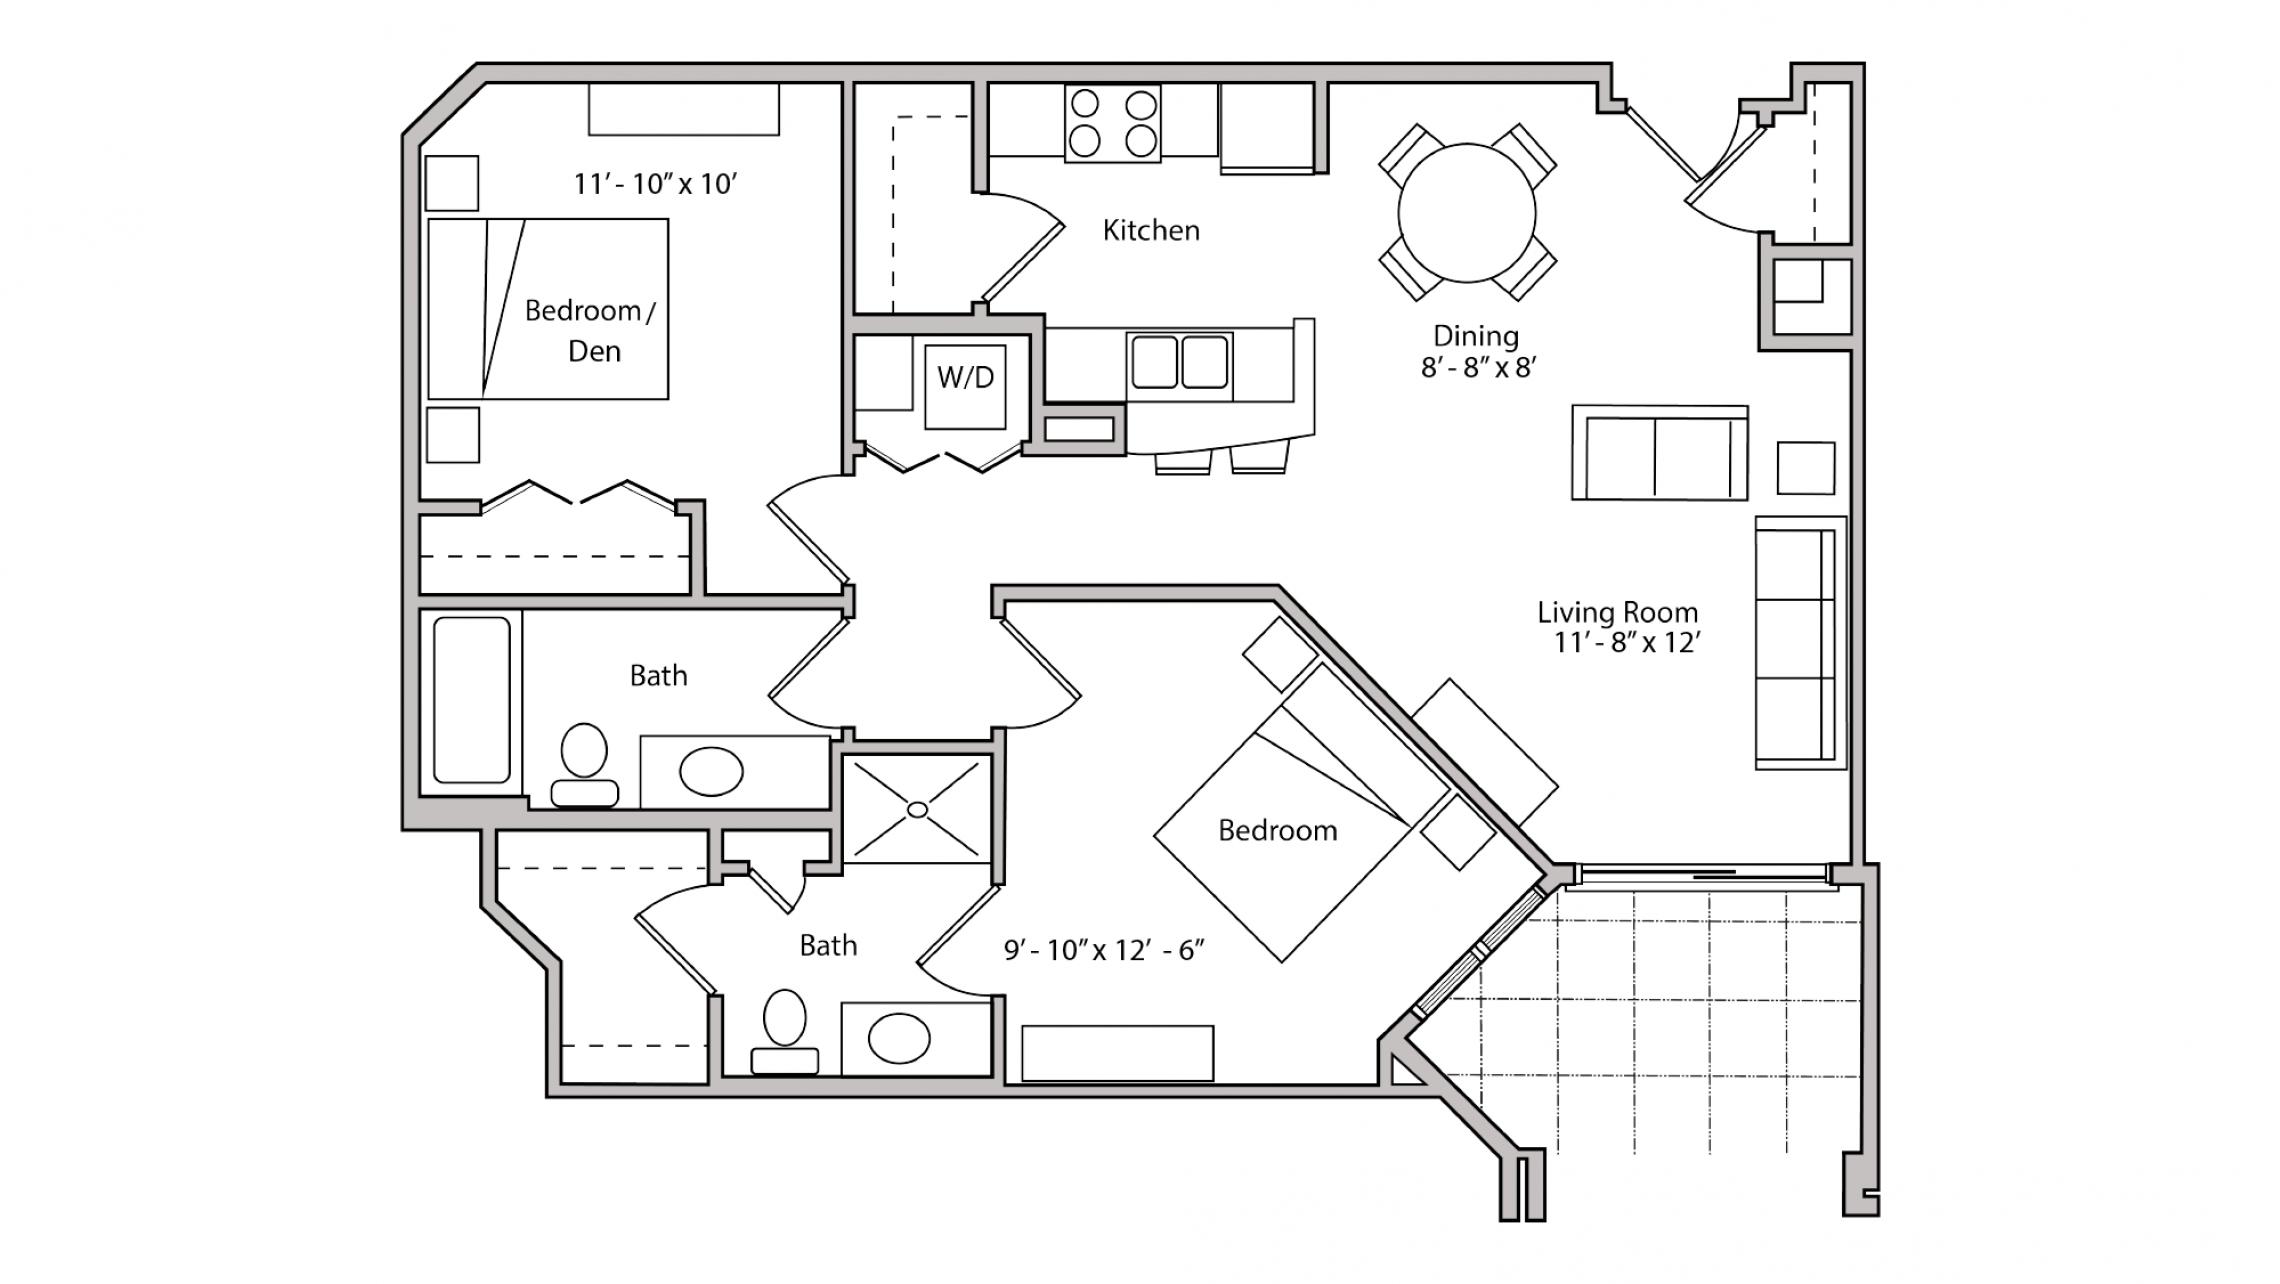 ULI The Depot 1-310 - One Bedroom Plus Den, Two Bathroom